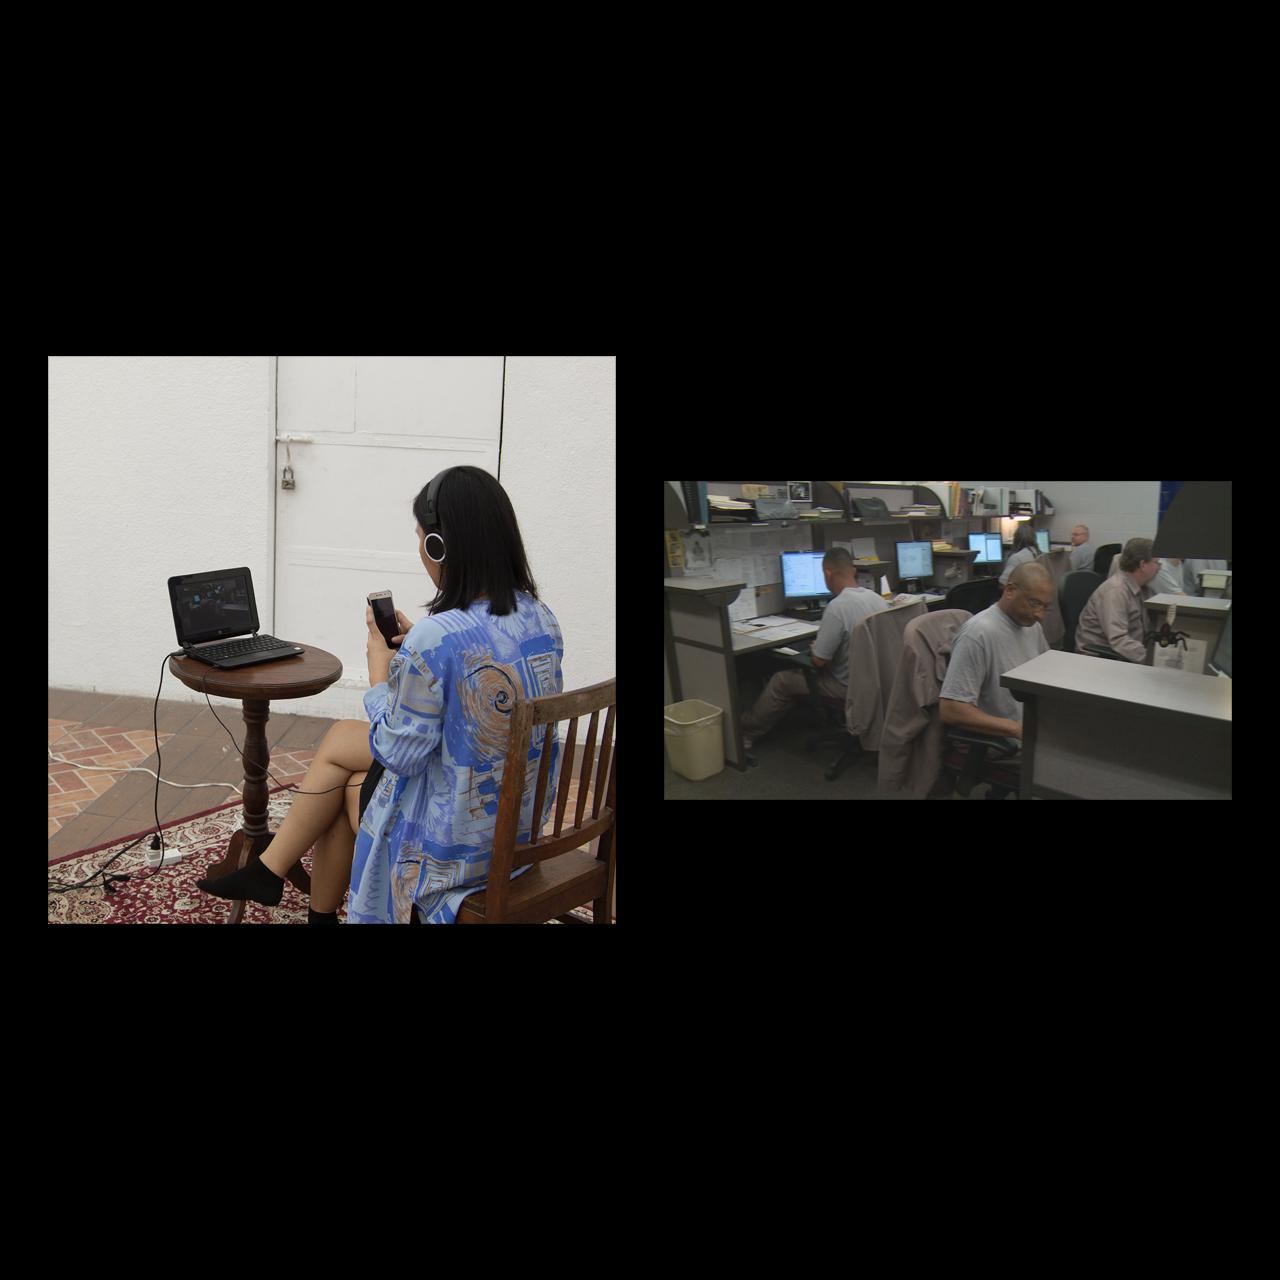 Choreography_juxtaposition_3_Screen Shot 2018-12-02 at 5.54.25 PM.png